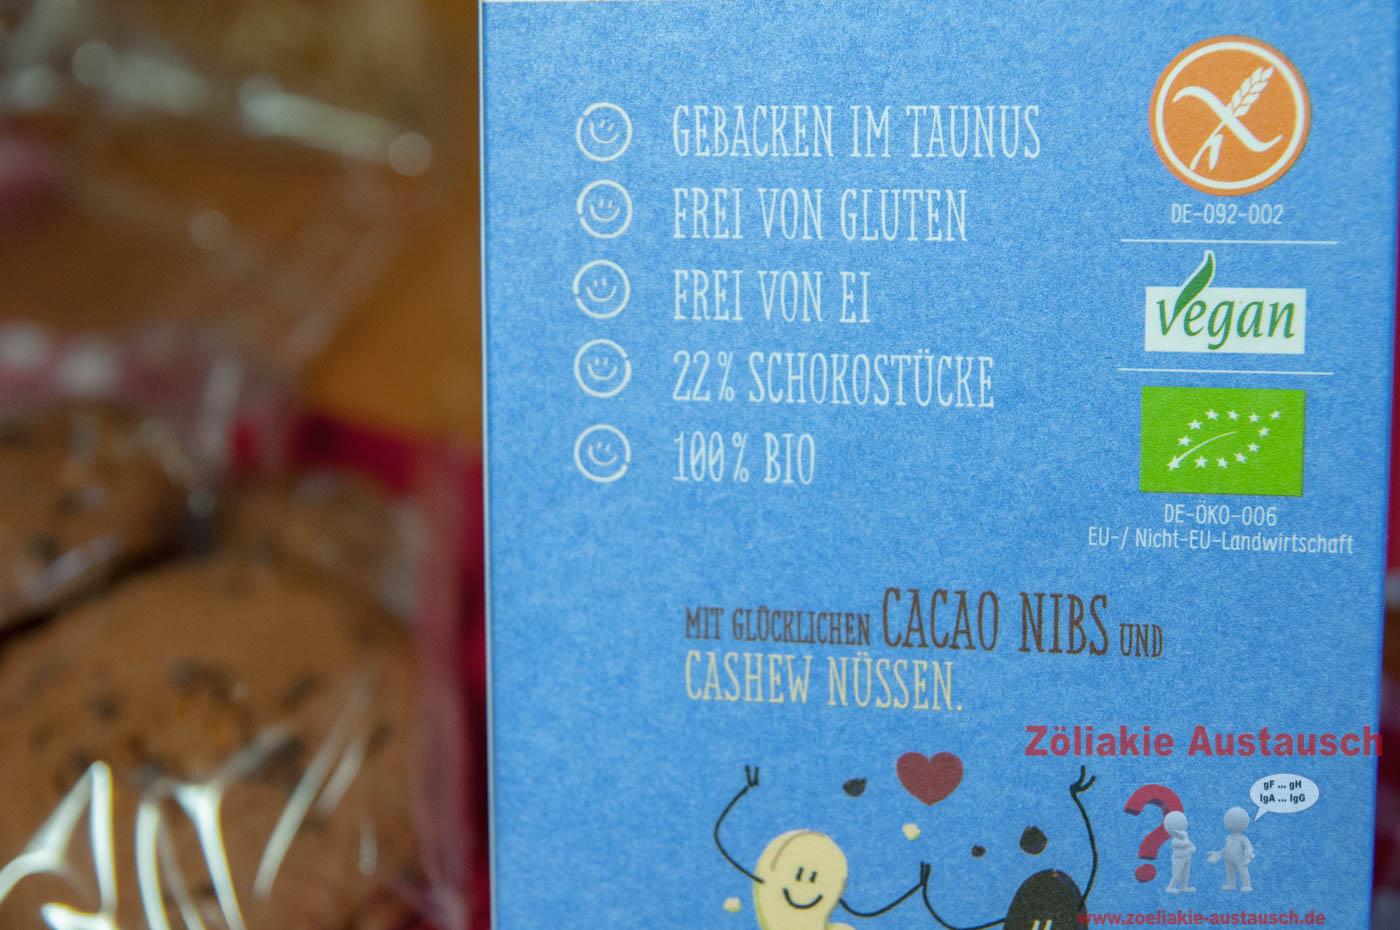 Zoeliakie_Austausch_Sommer_Cookies-021